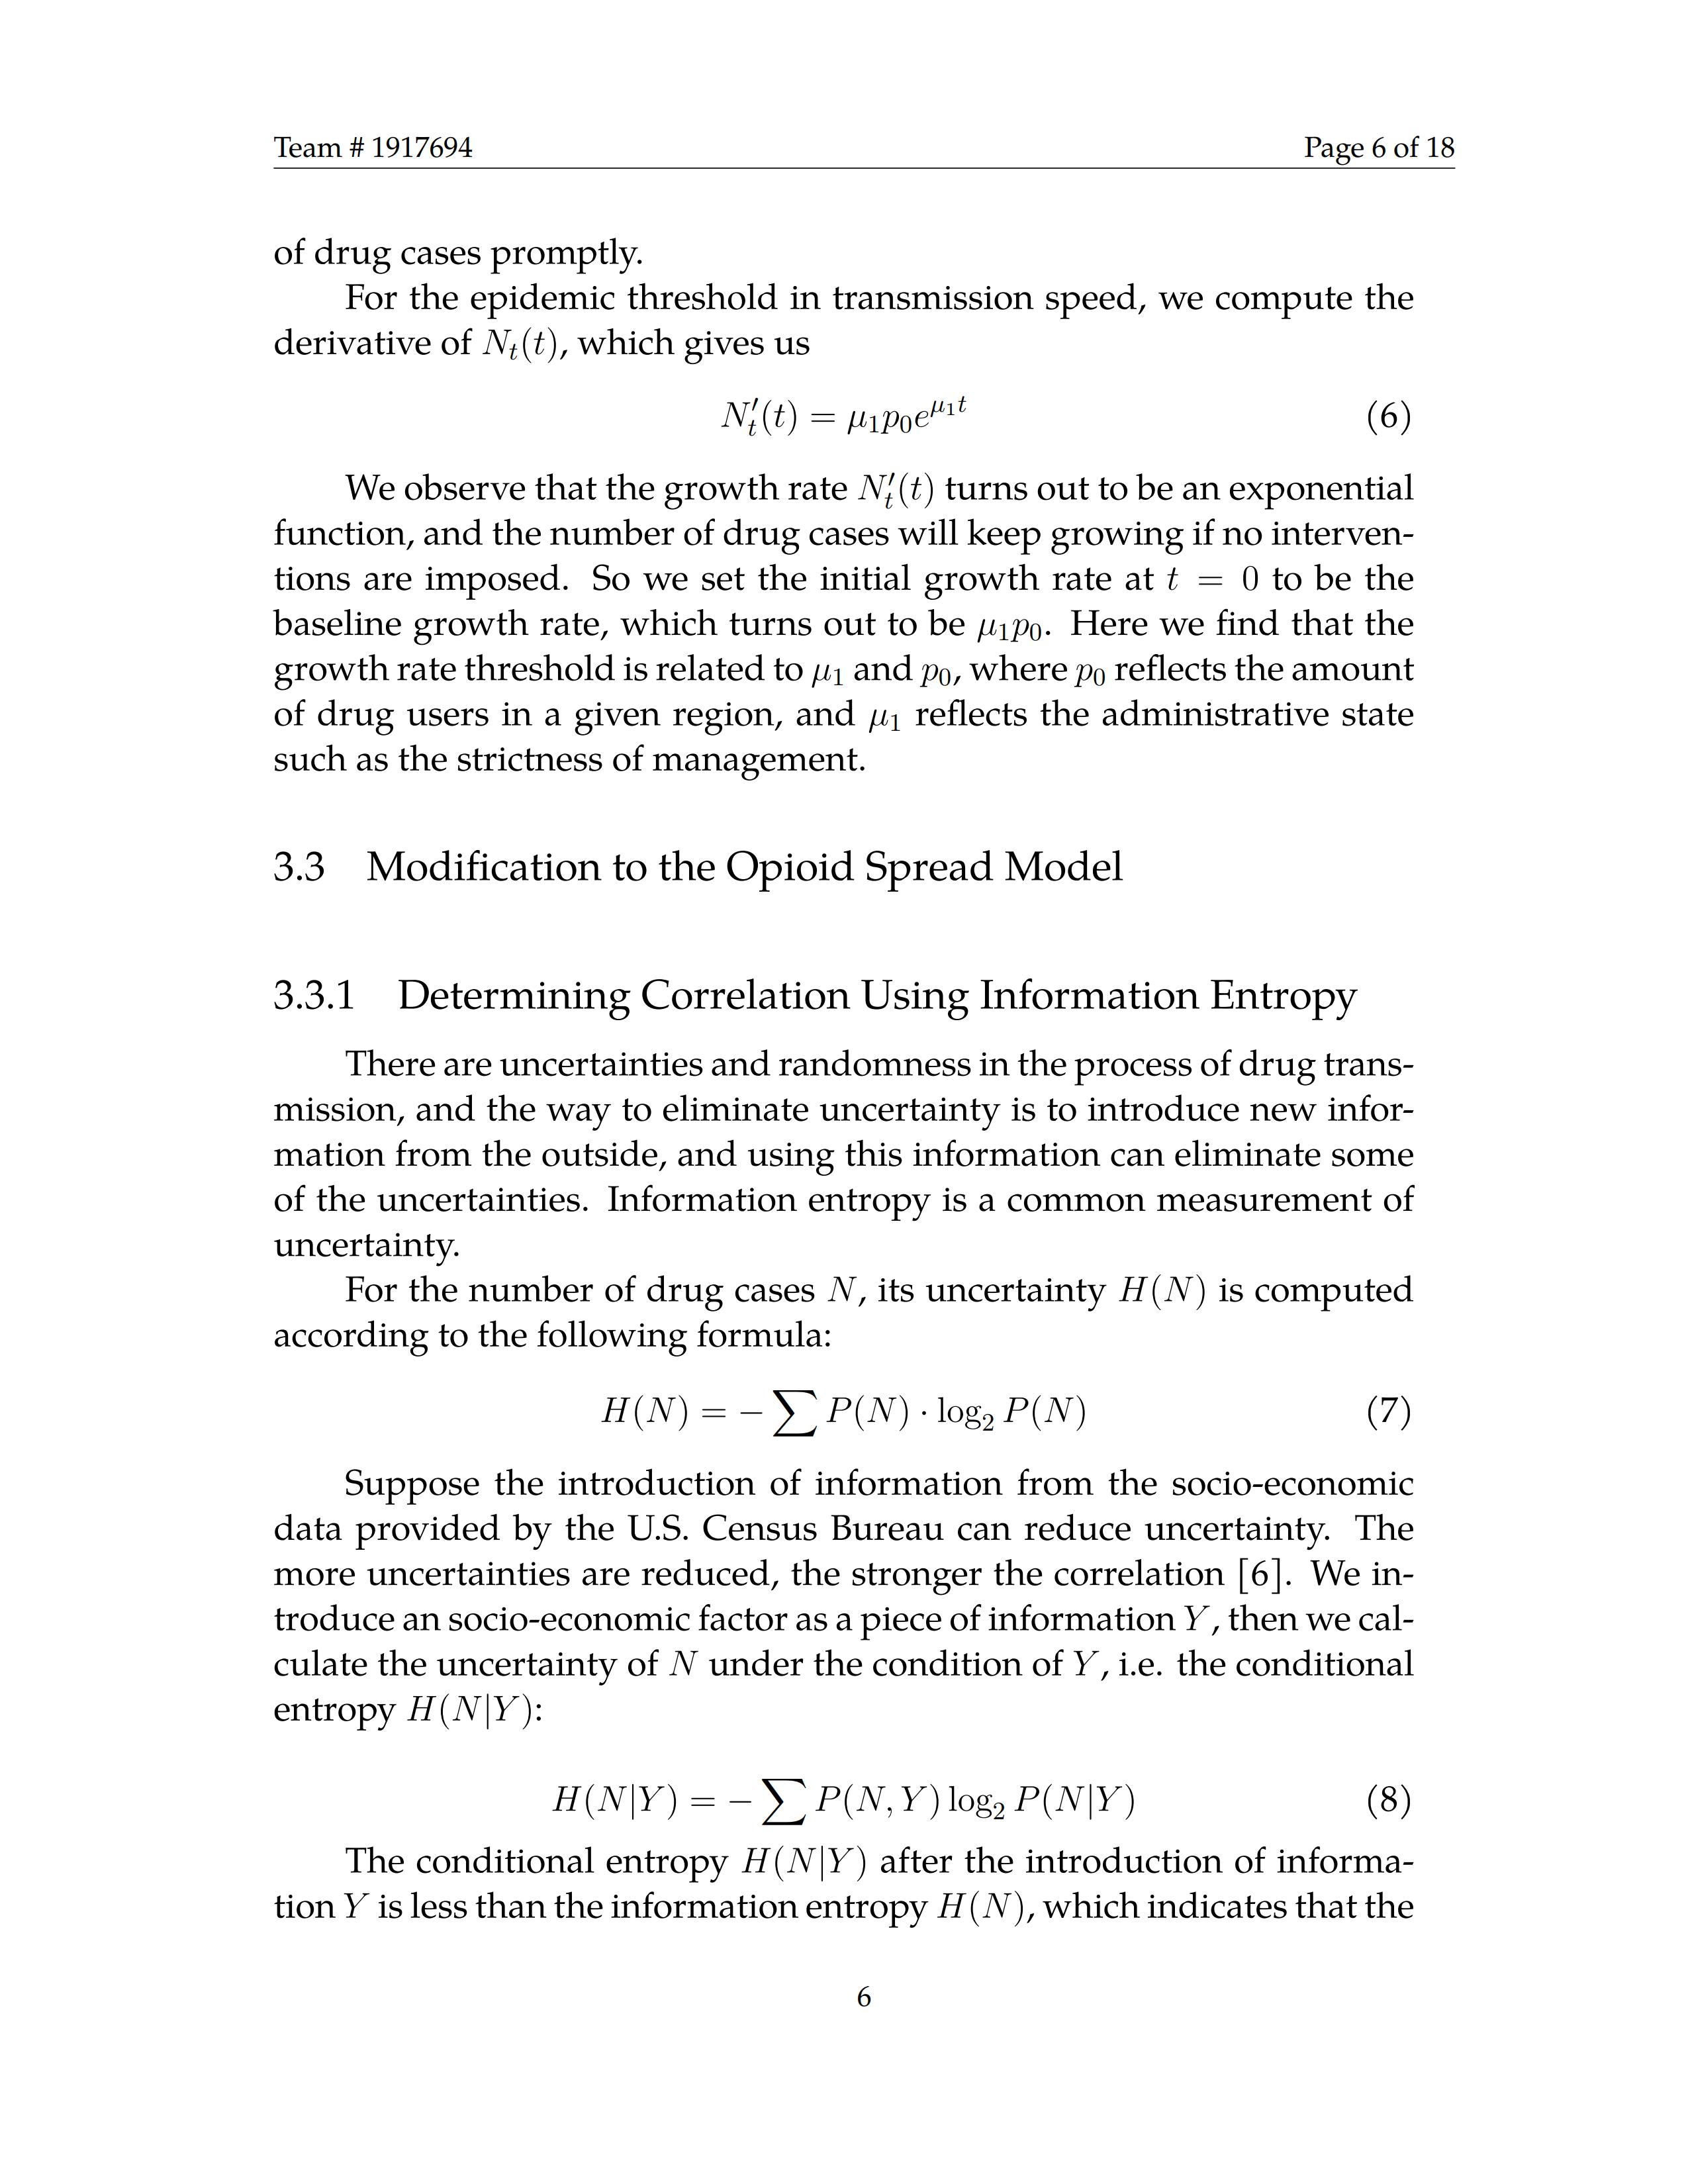 美国大学生数学建模竞赛 LaTeX 模板 (附2019年C题一等奖论文)